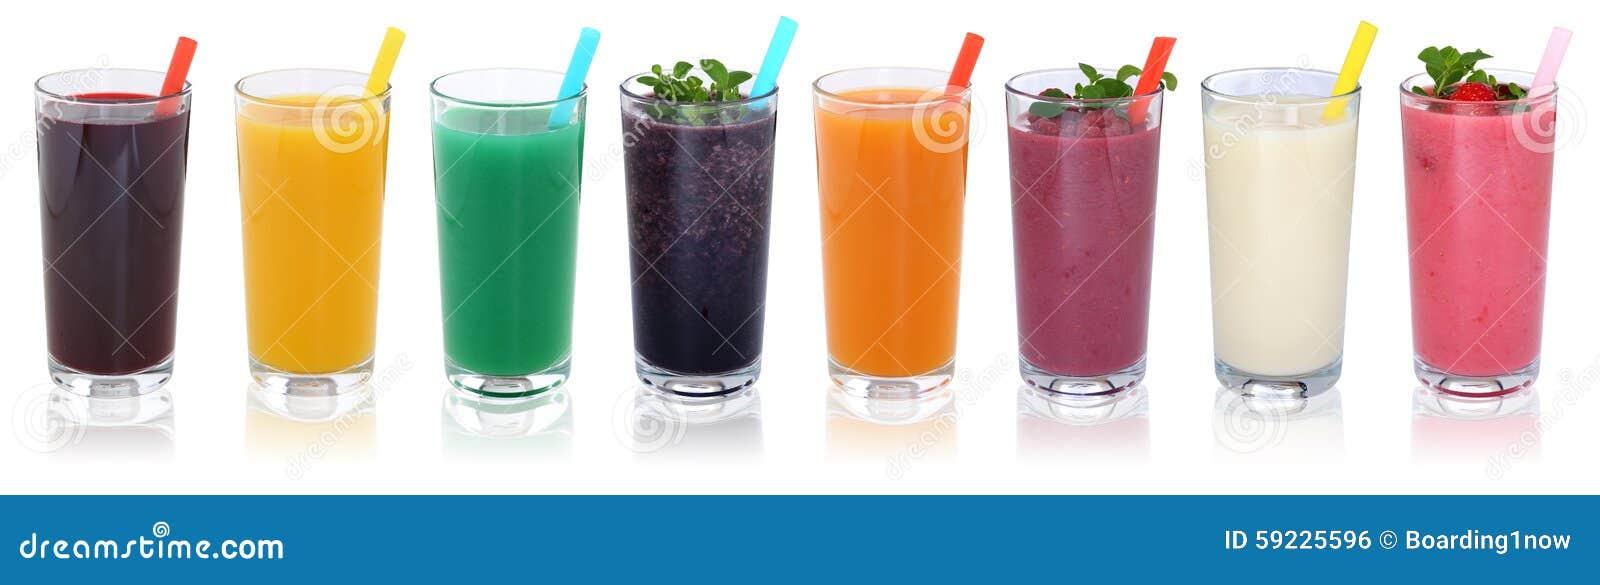 De dranken van het Smoothievruchtensap smoothies met vruchten op een rij isola